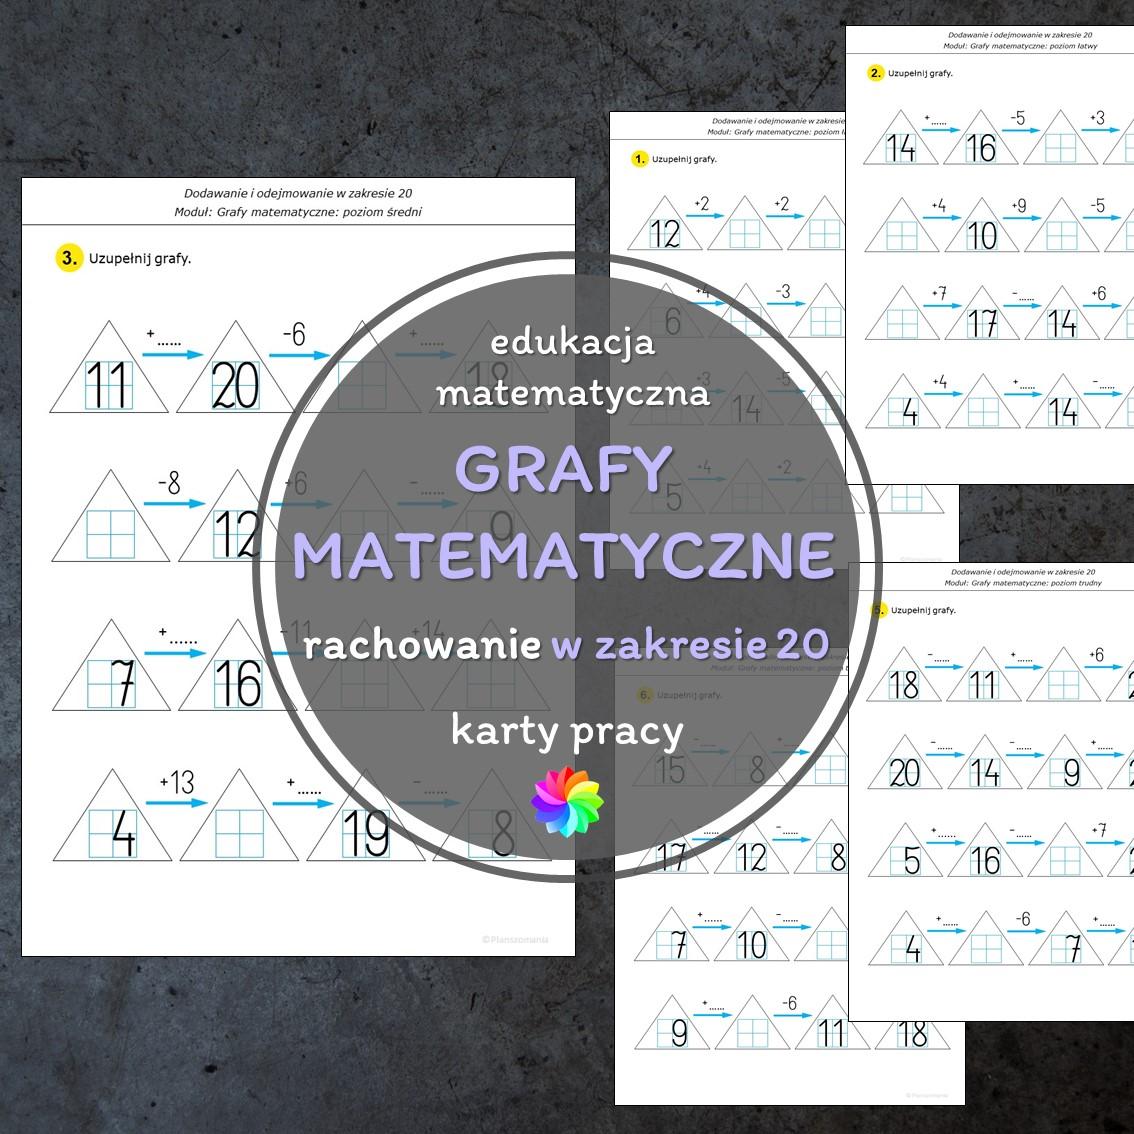 grafy matematyczne dodawanie i odejmowanie karty pracy edukacja matematyczna pomoce edukacyjne szkoła podstawowa pdf do druku w zakresie 20